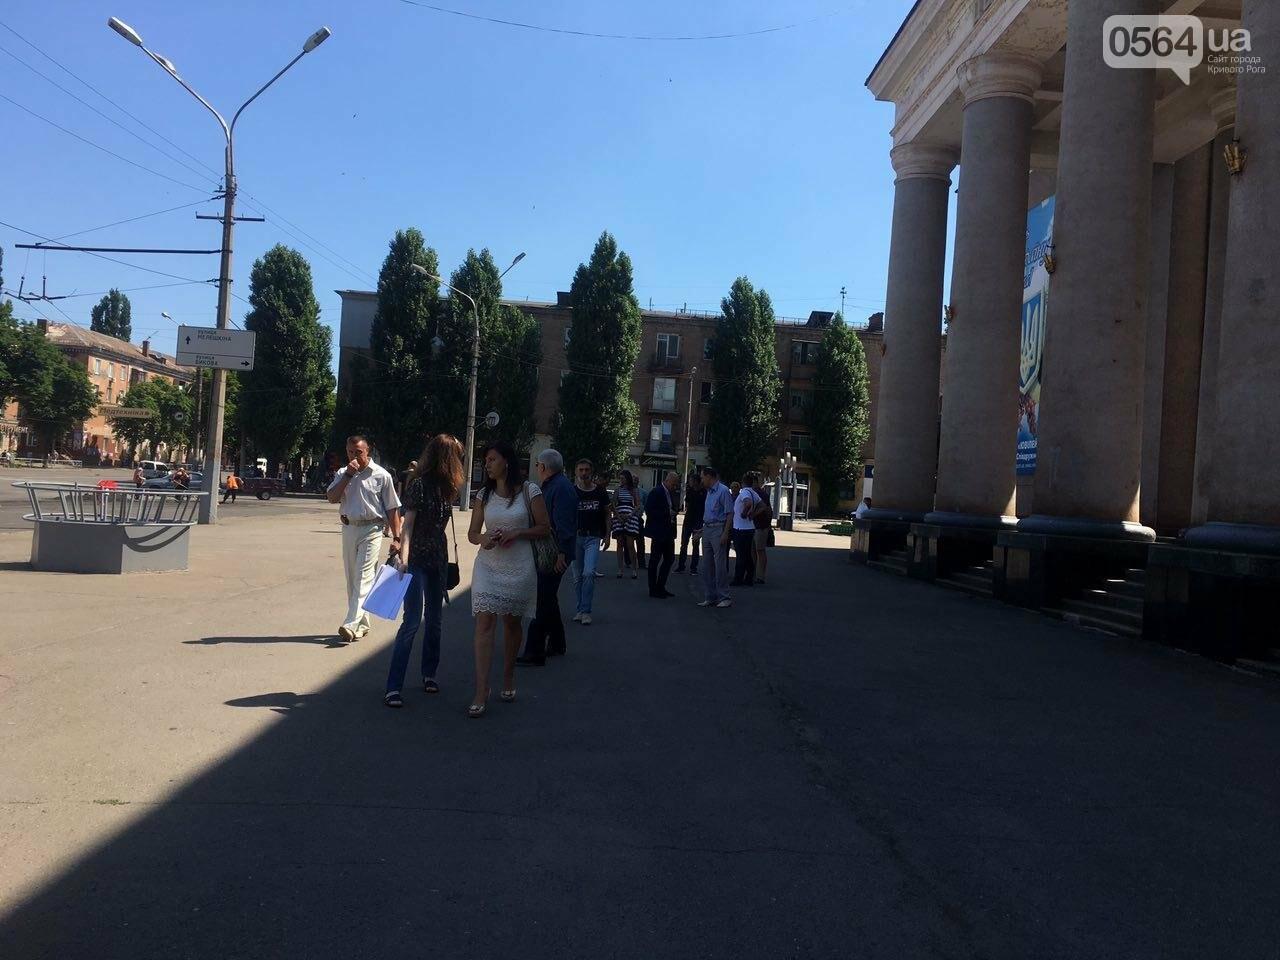 В Кривом Роге готовят площадь для установки памятника Киевскому князю Владимиру Великому, - ФОТО, фото-8